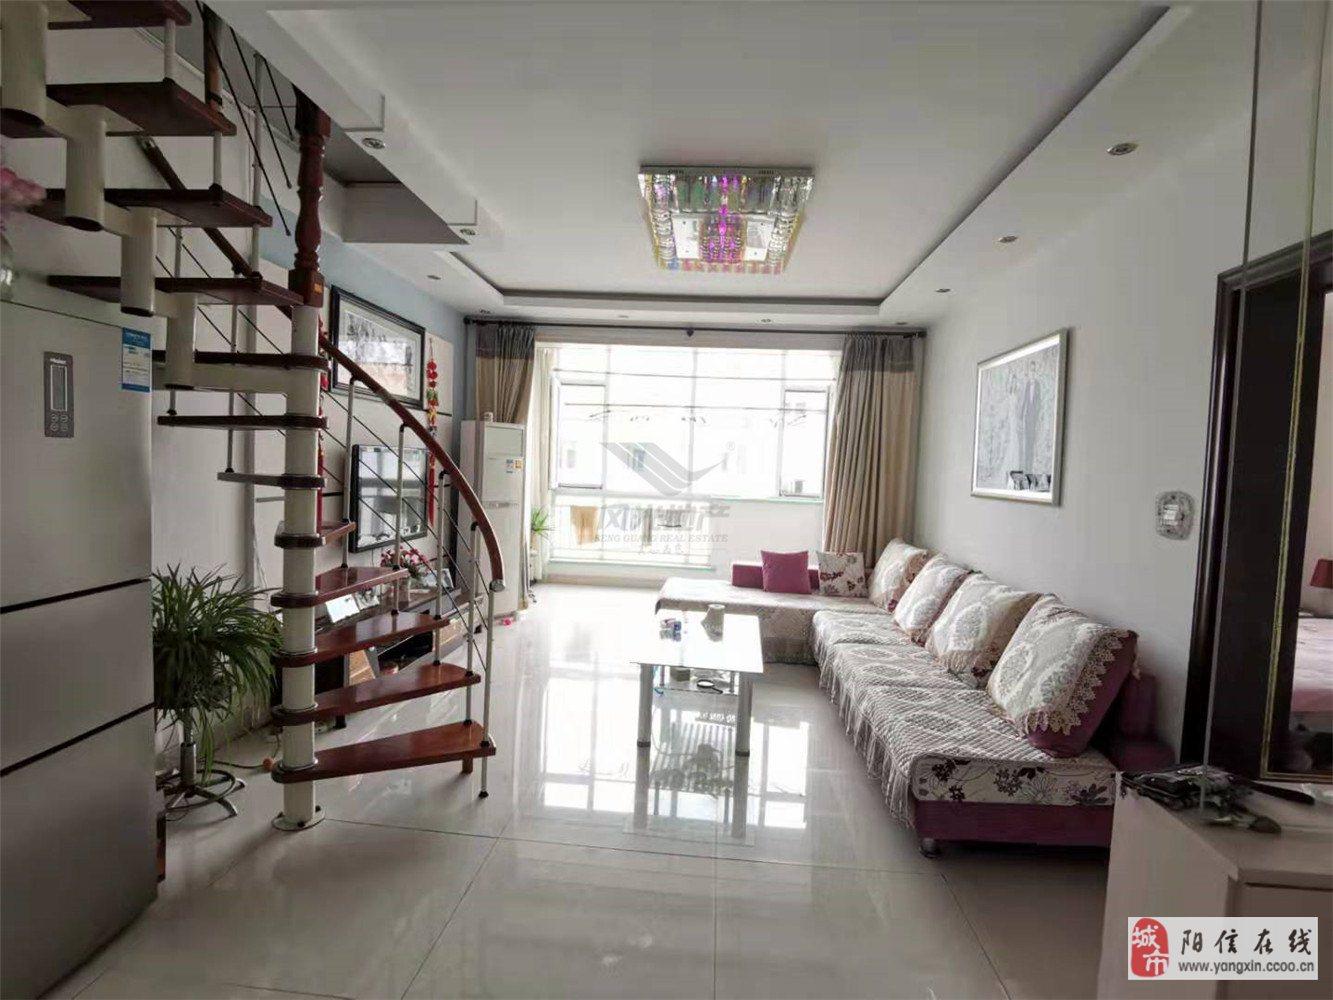 金羚美景城五樓帶閣樓三居室證滿五唯一